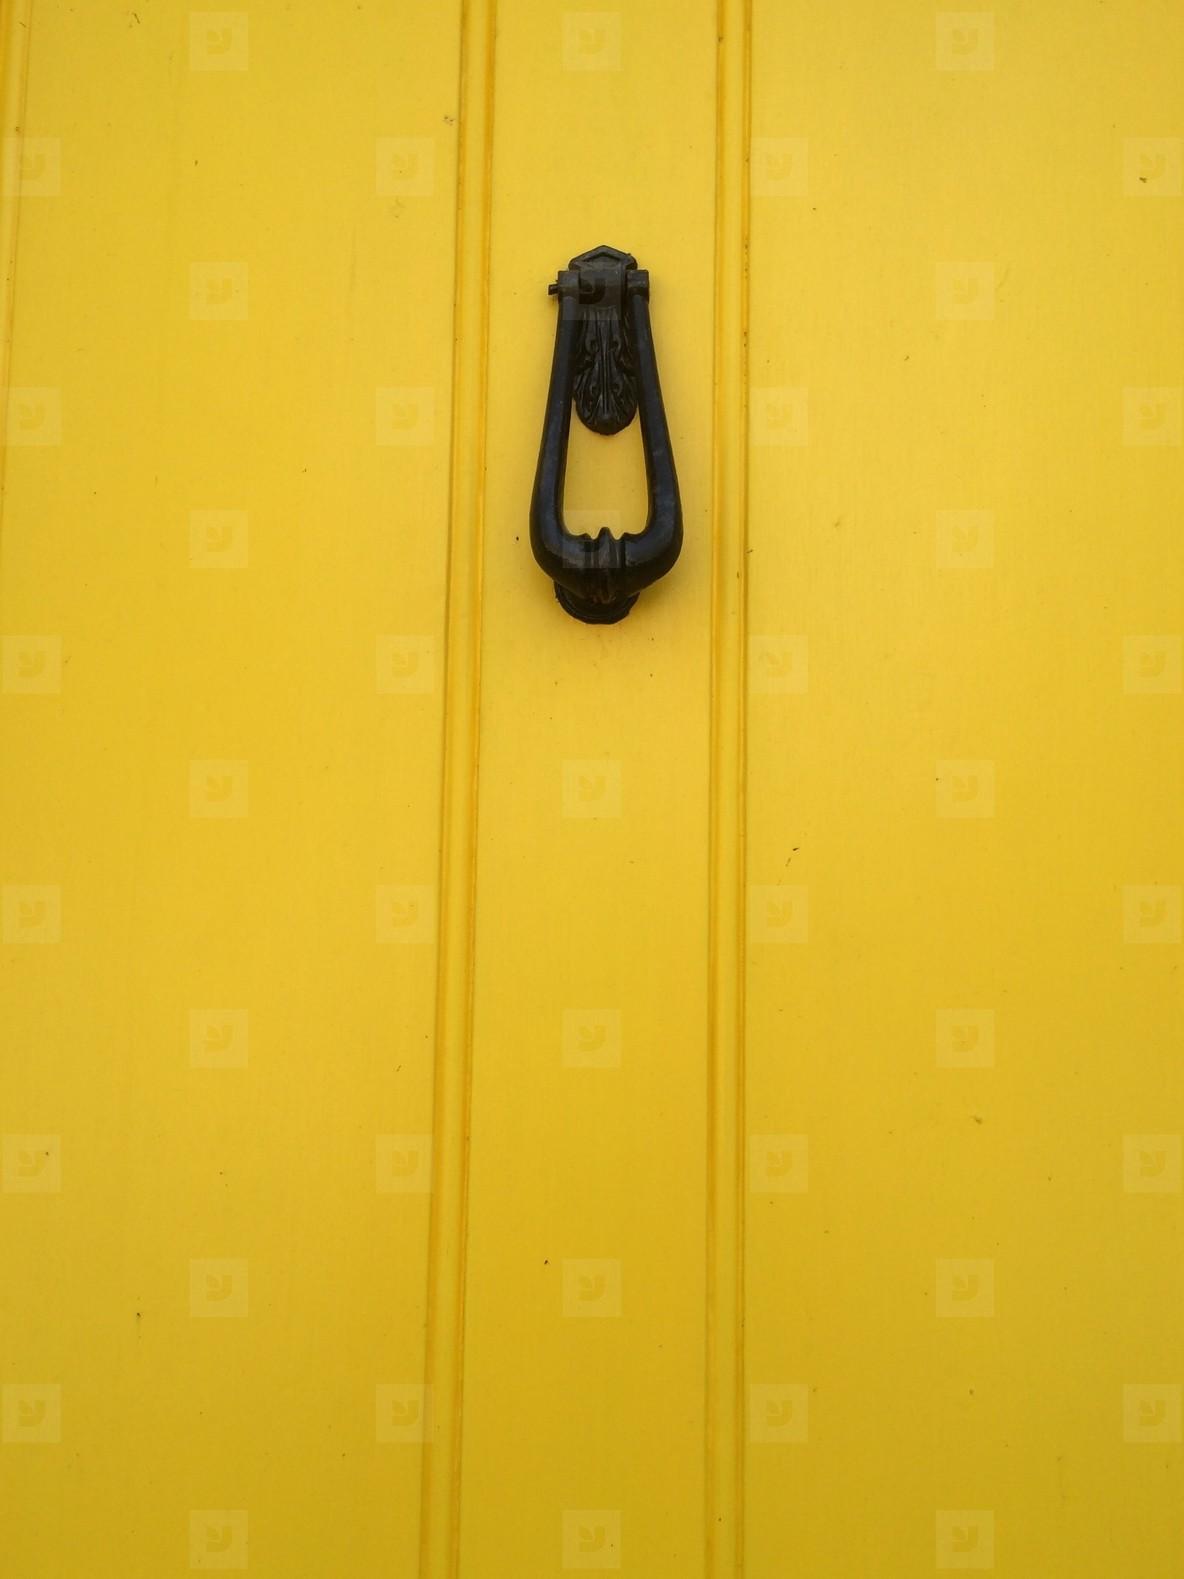 Knock on Yellow wooden door